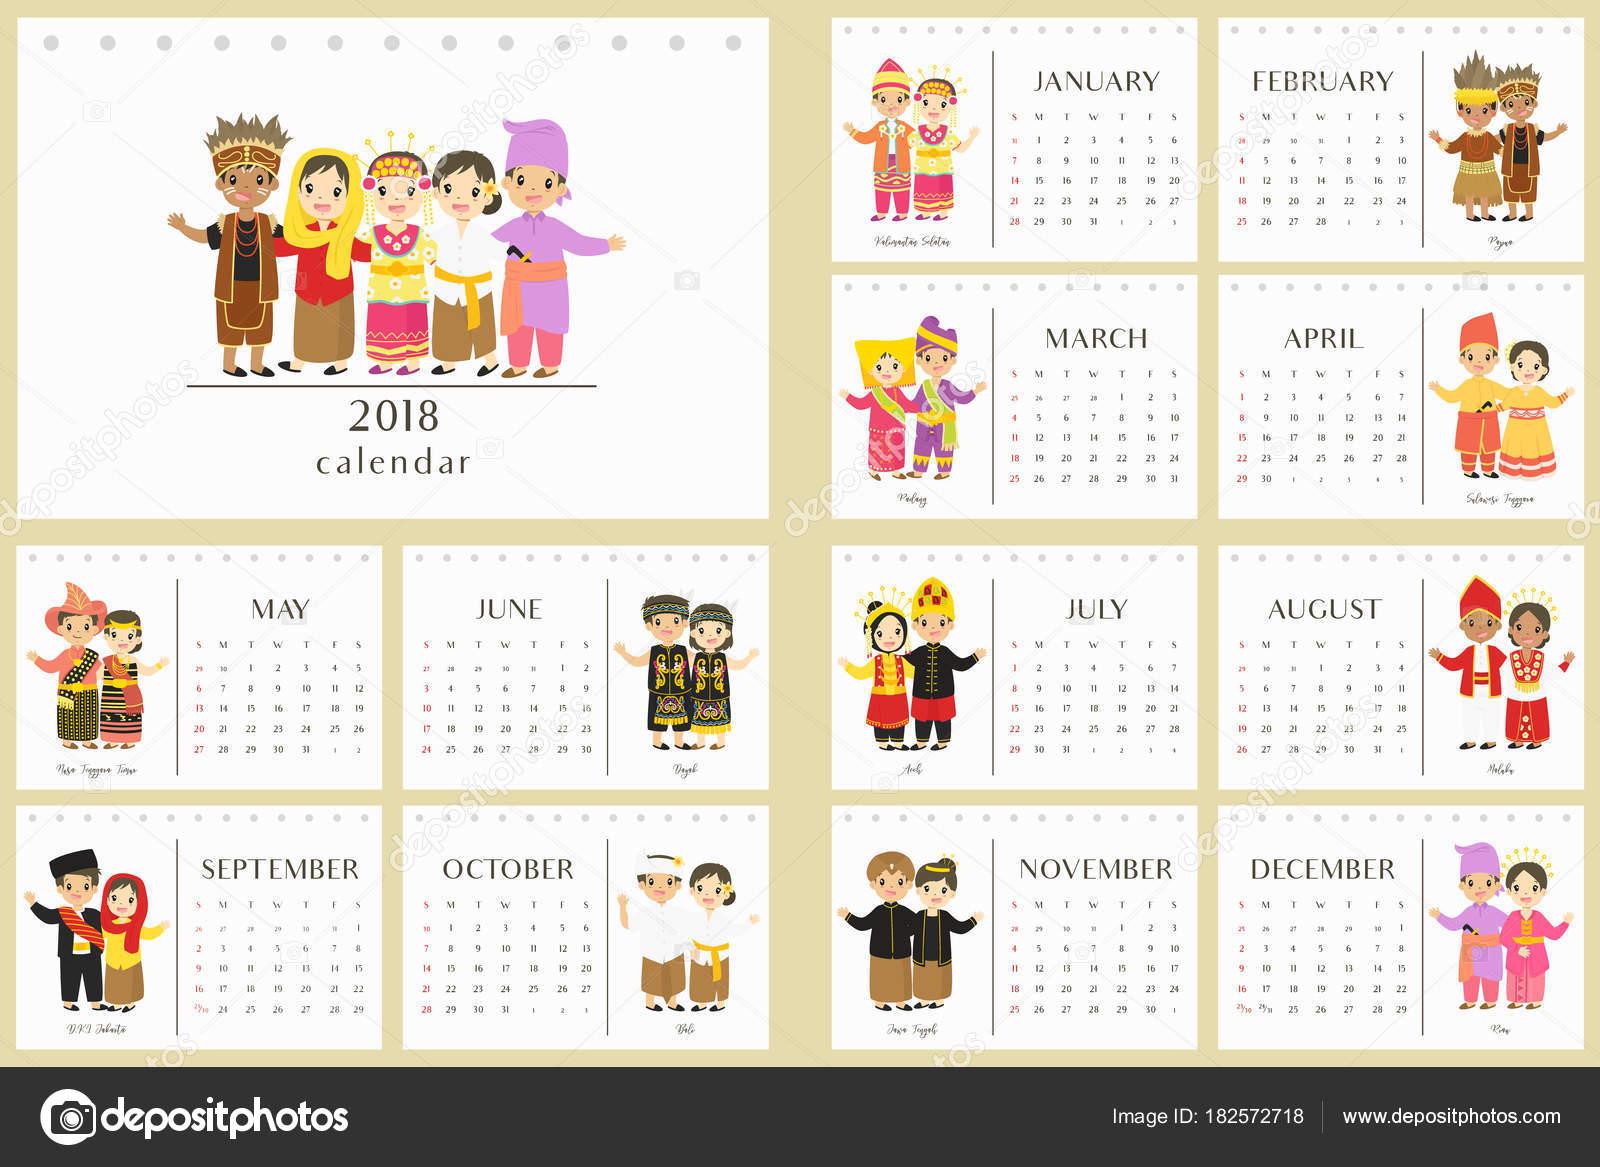 Calendario 2018 Con Ropas Tradicionales Indonesia Niños Indonesios ...